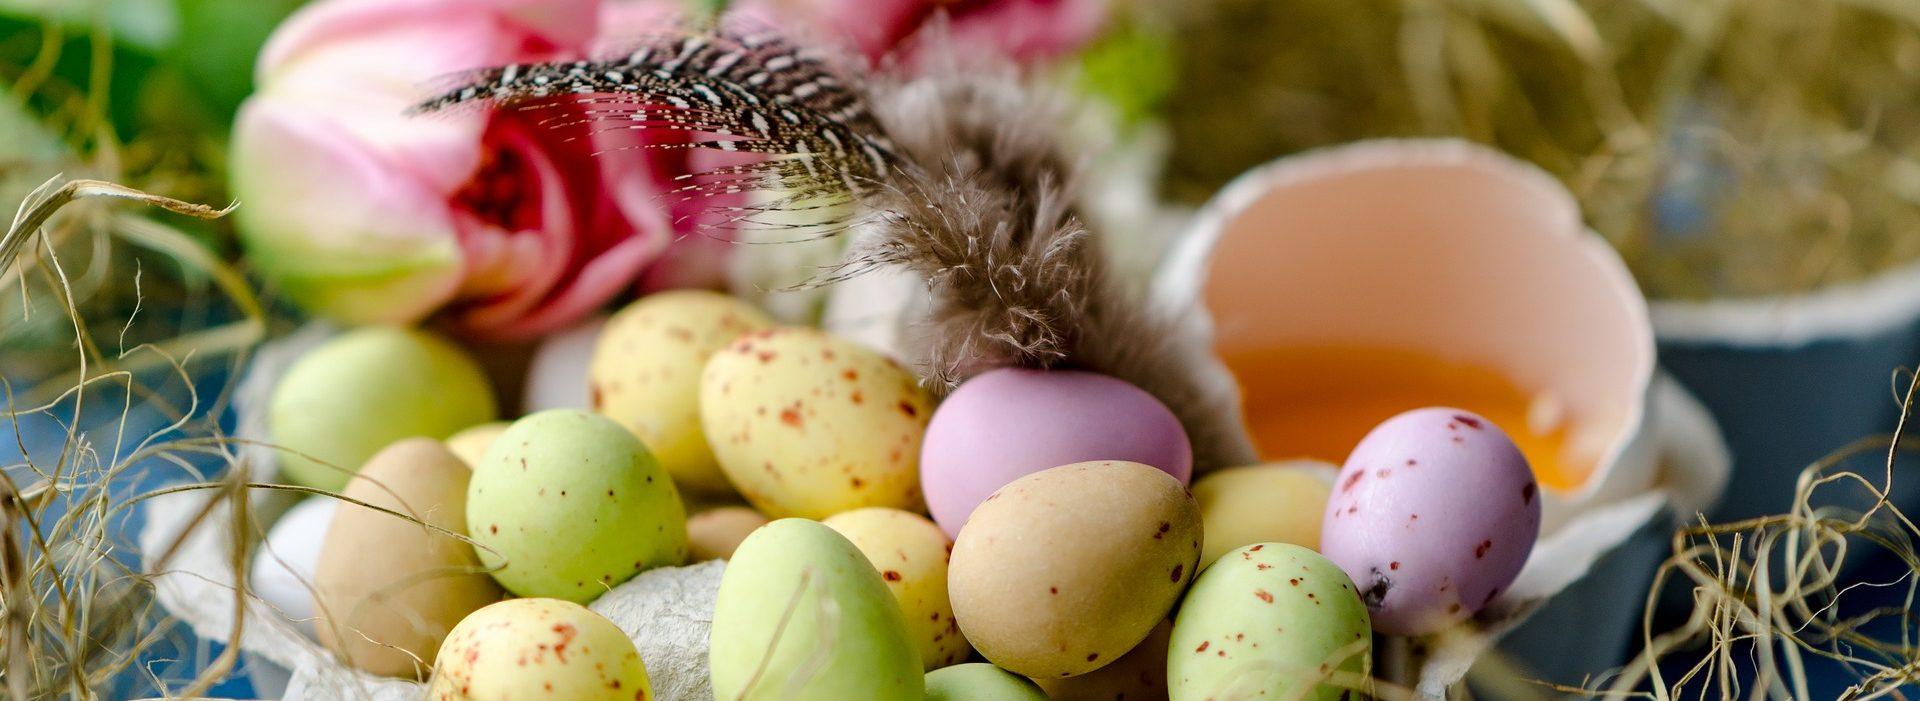 HALLELUJA – Ostern gemeinsam feiern